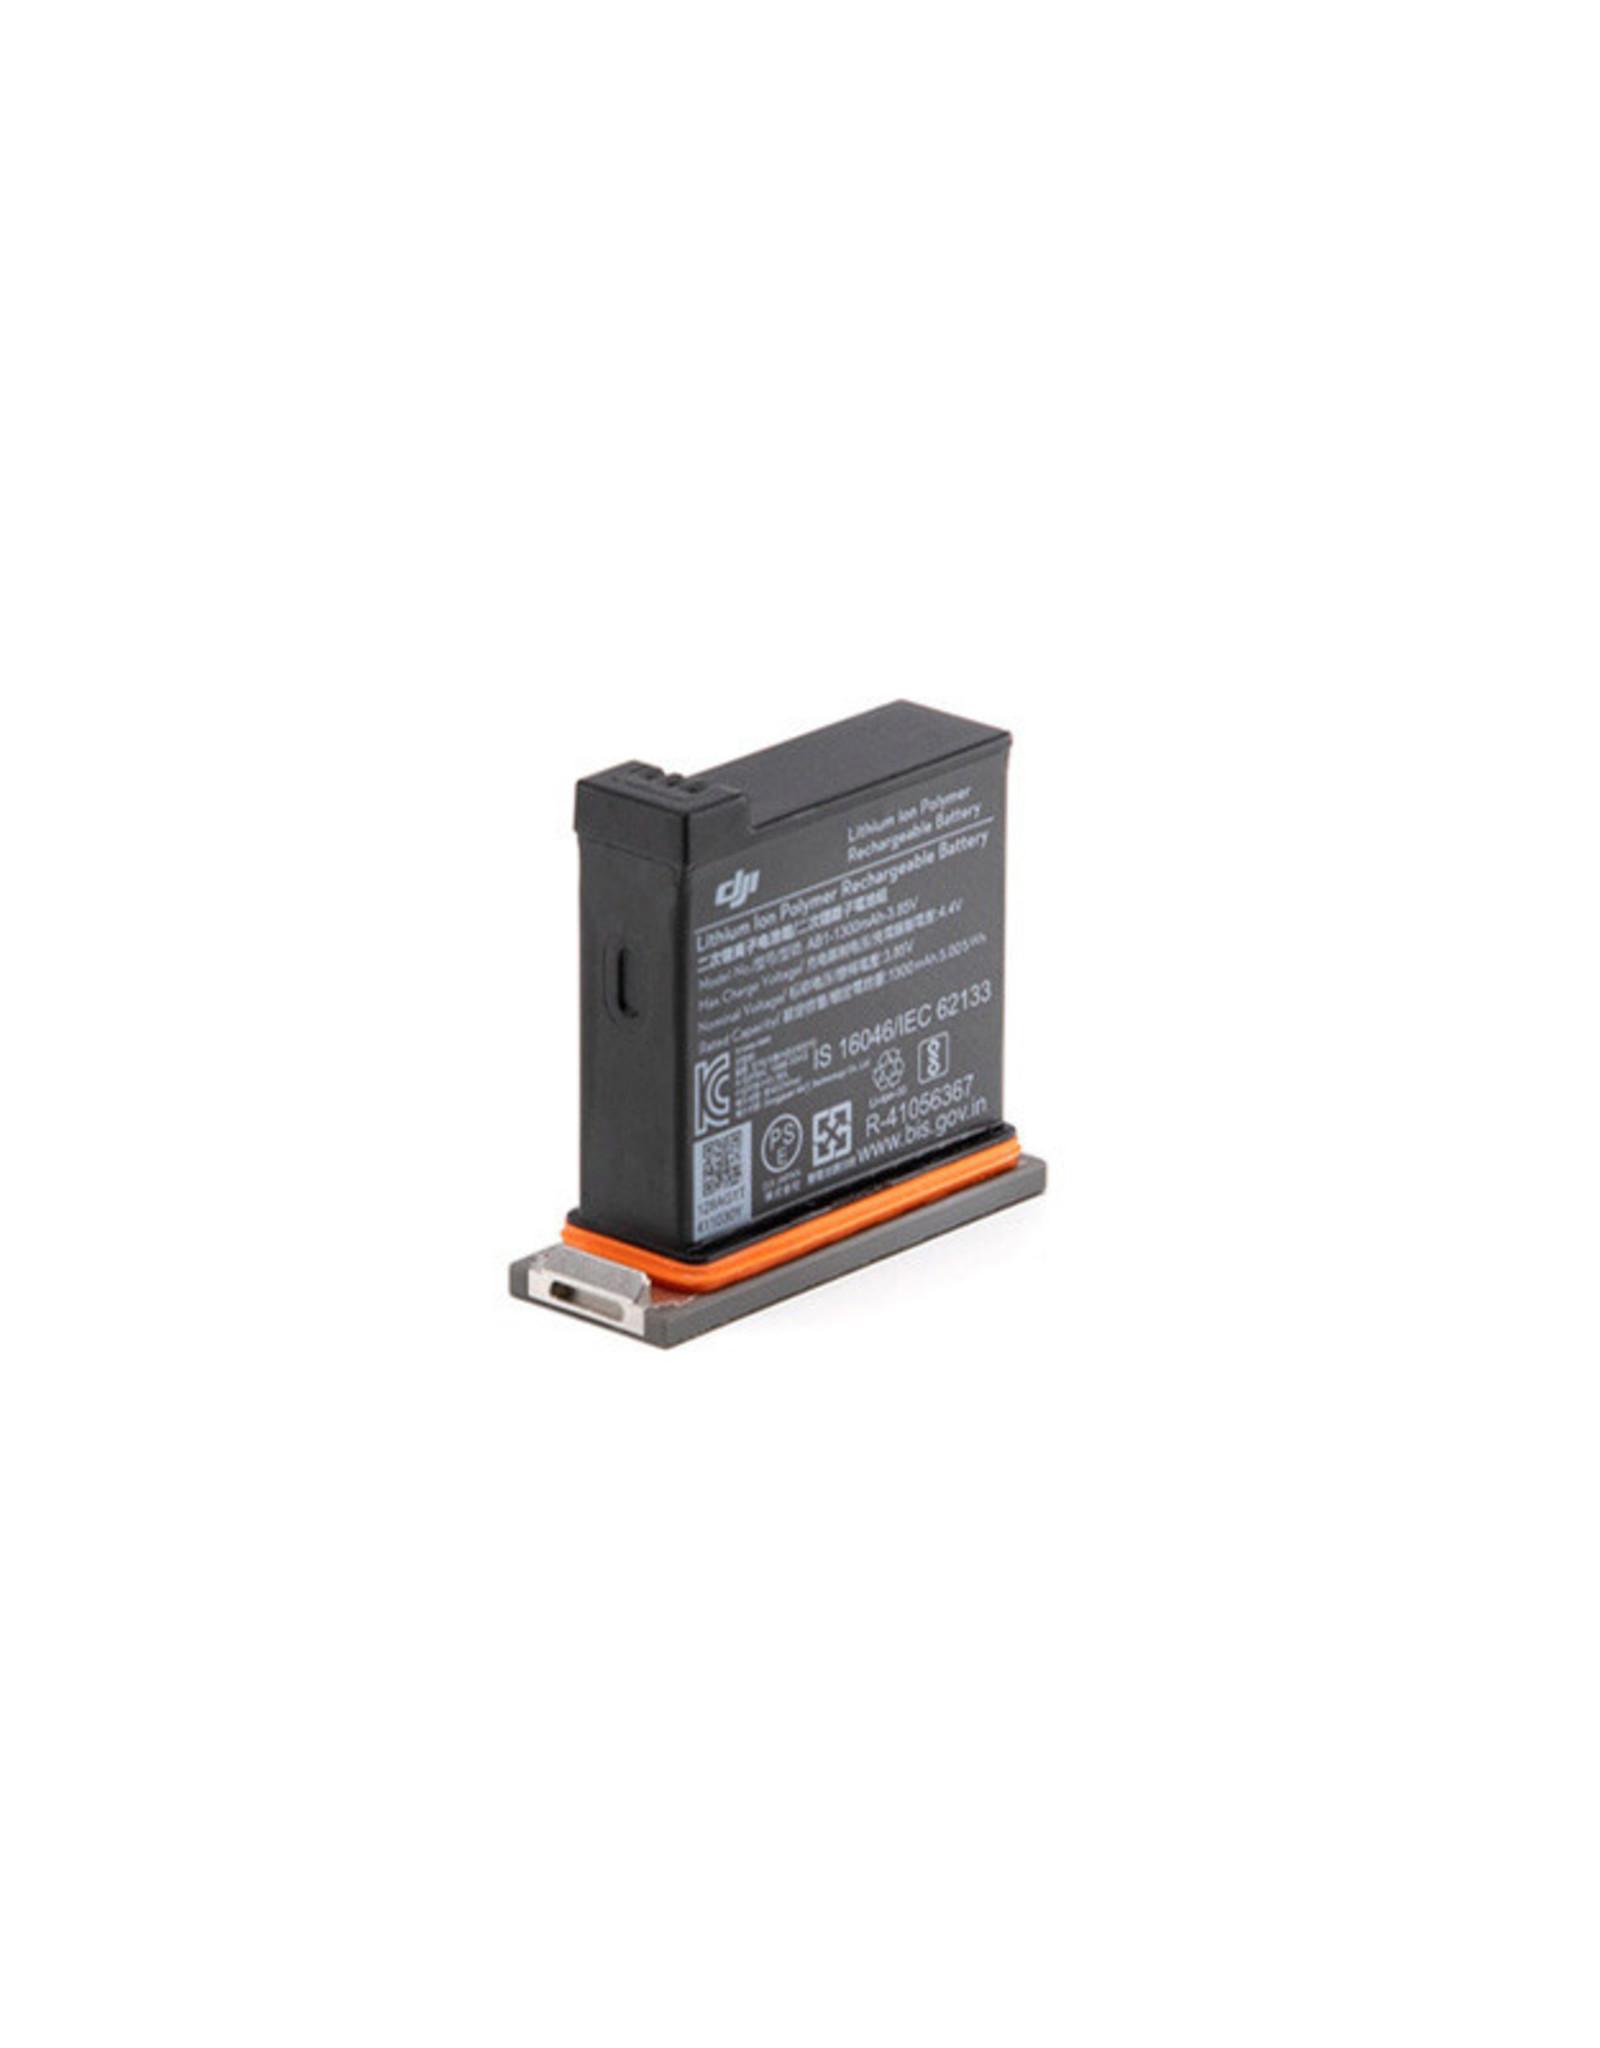 DJI Osmo Action Charging Kit